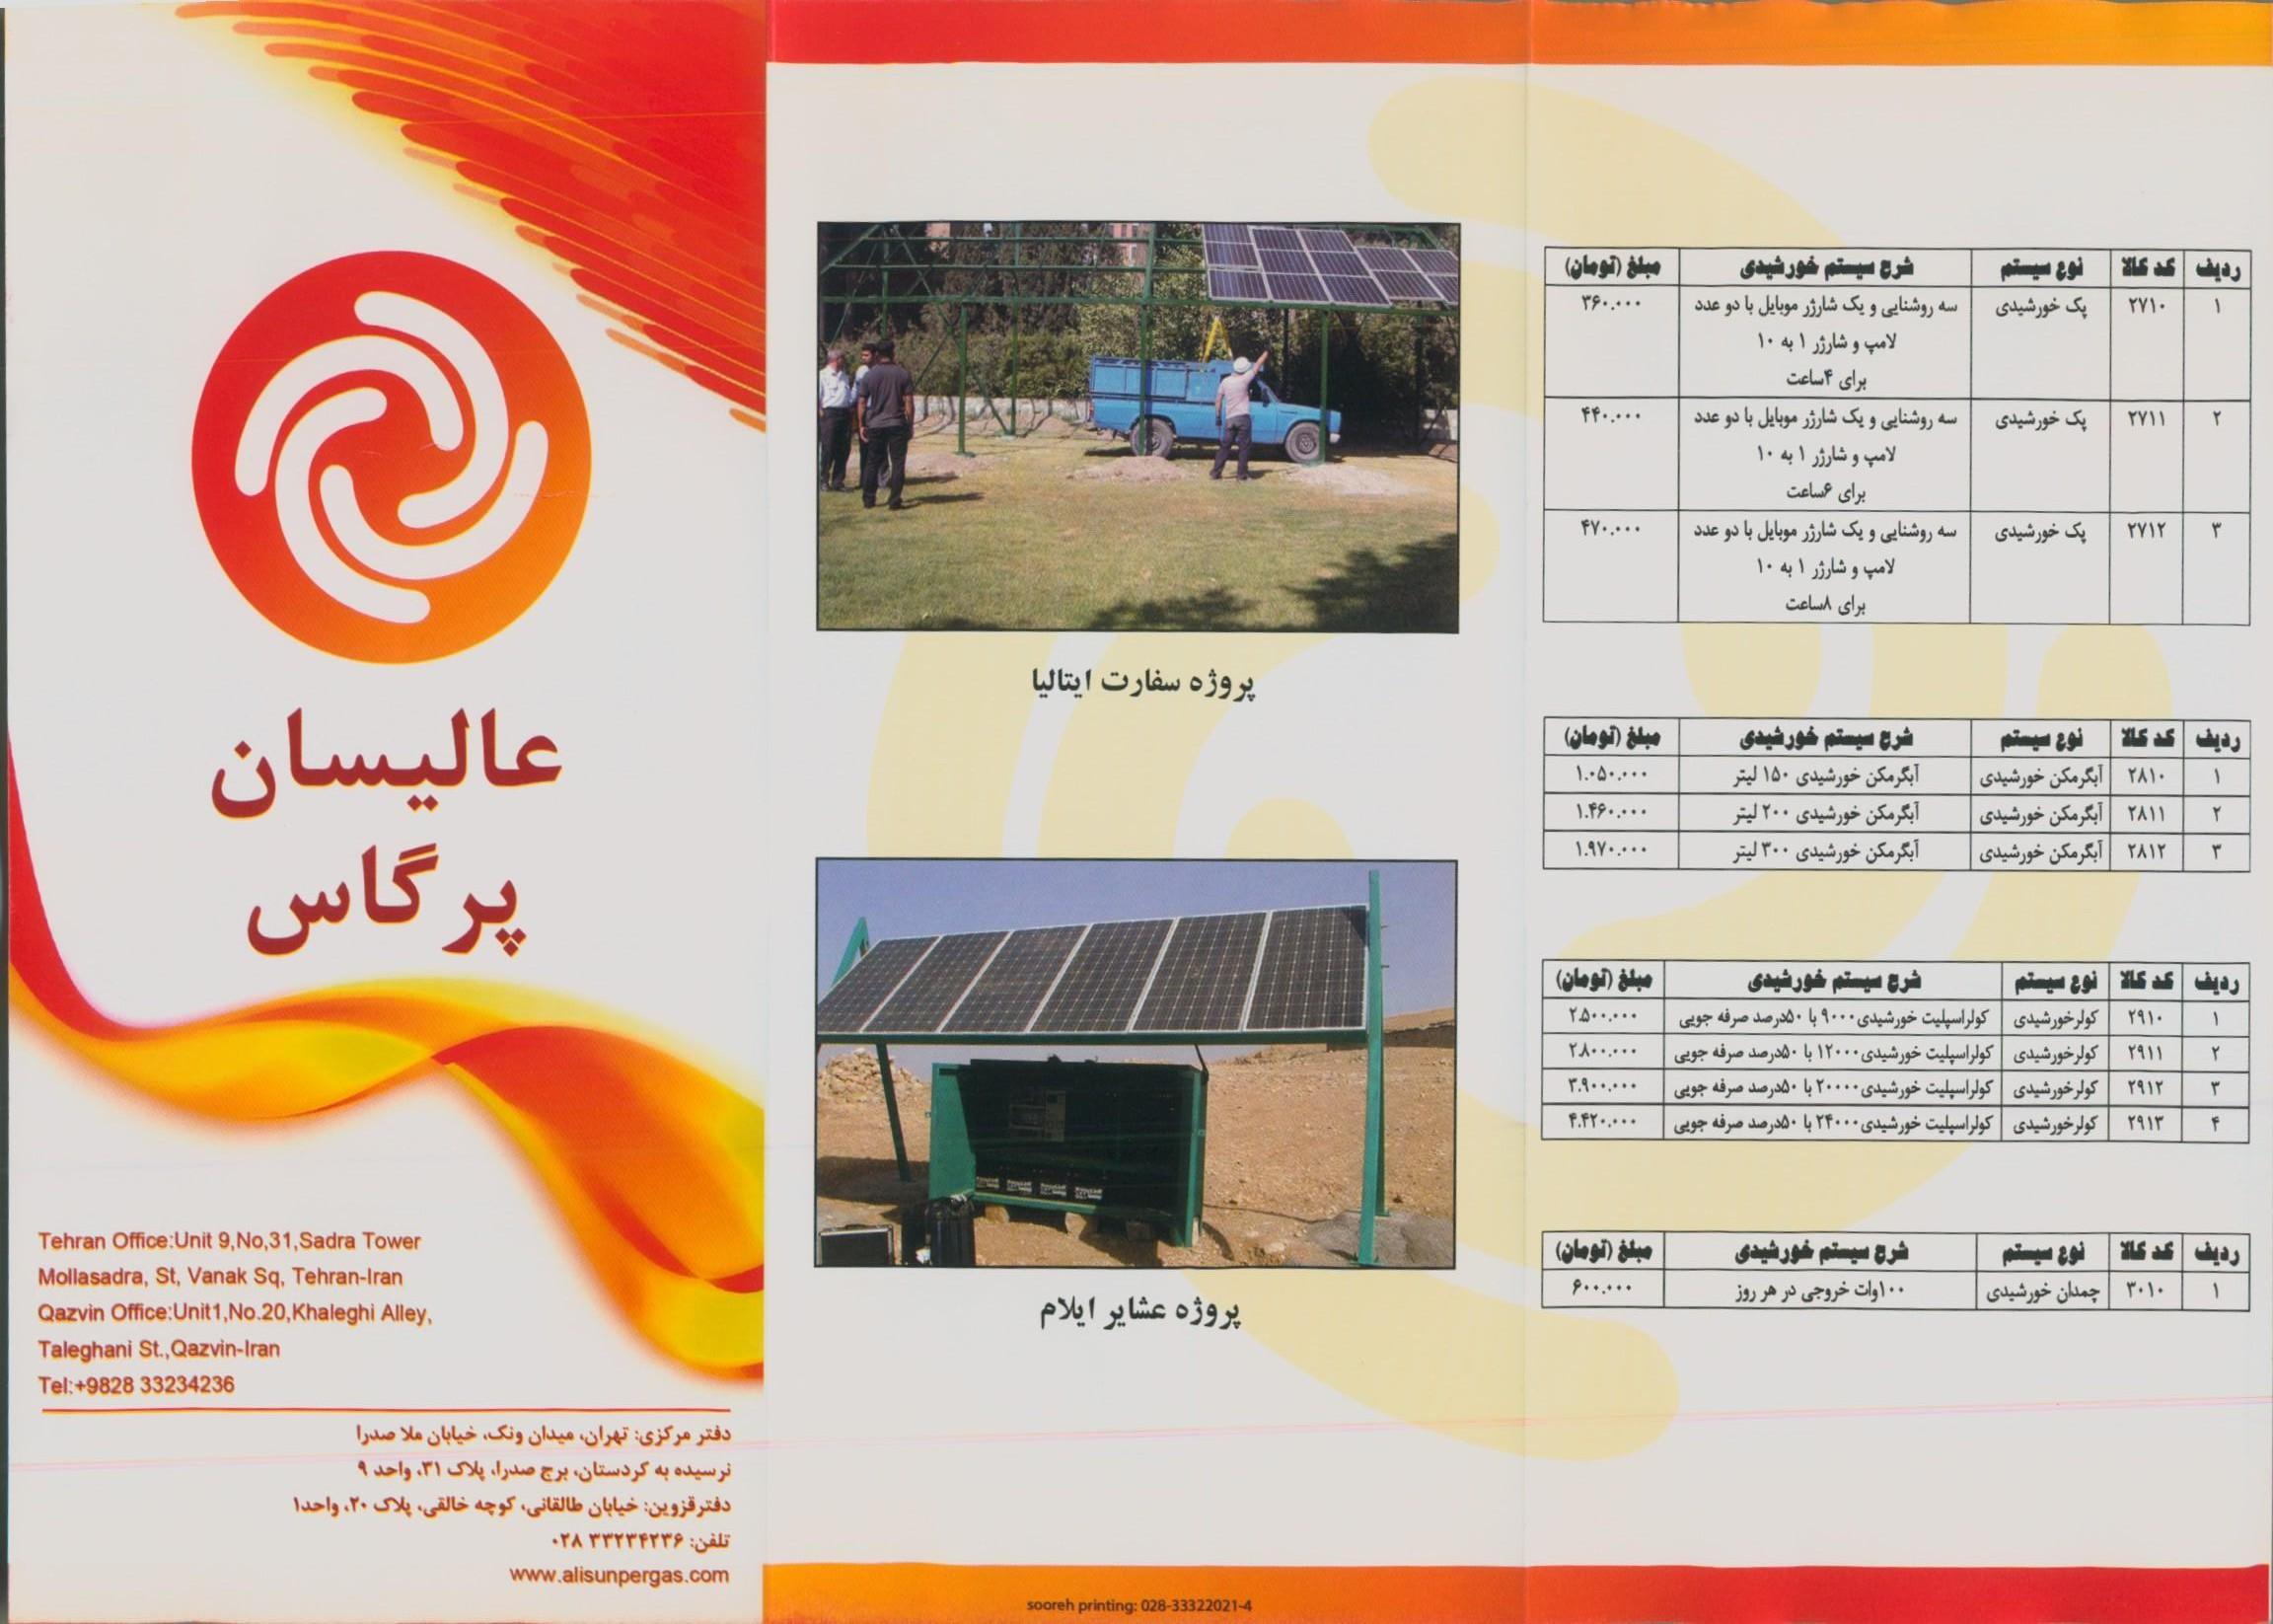 انرژی خورشیدی عالیسان پرگاس